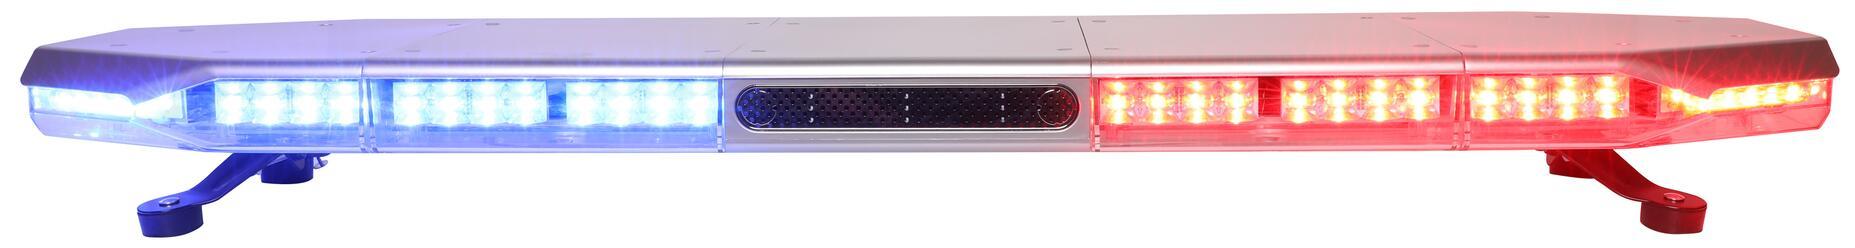 新款长排警示灯  TDB-192DN